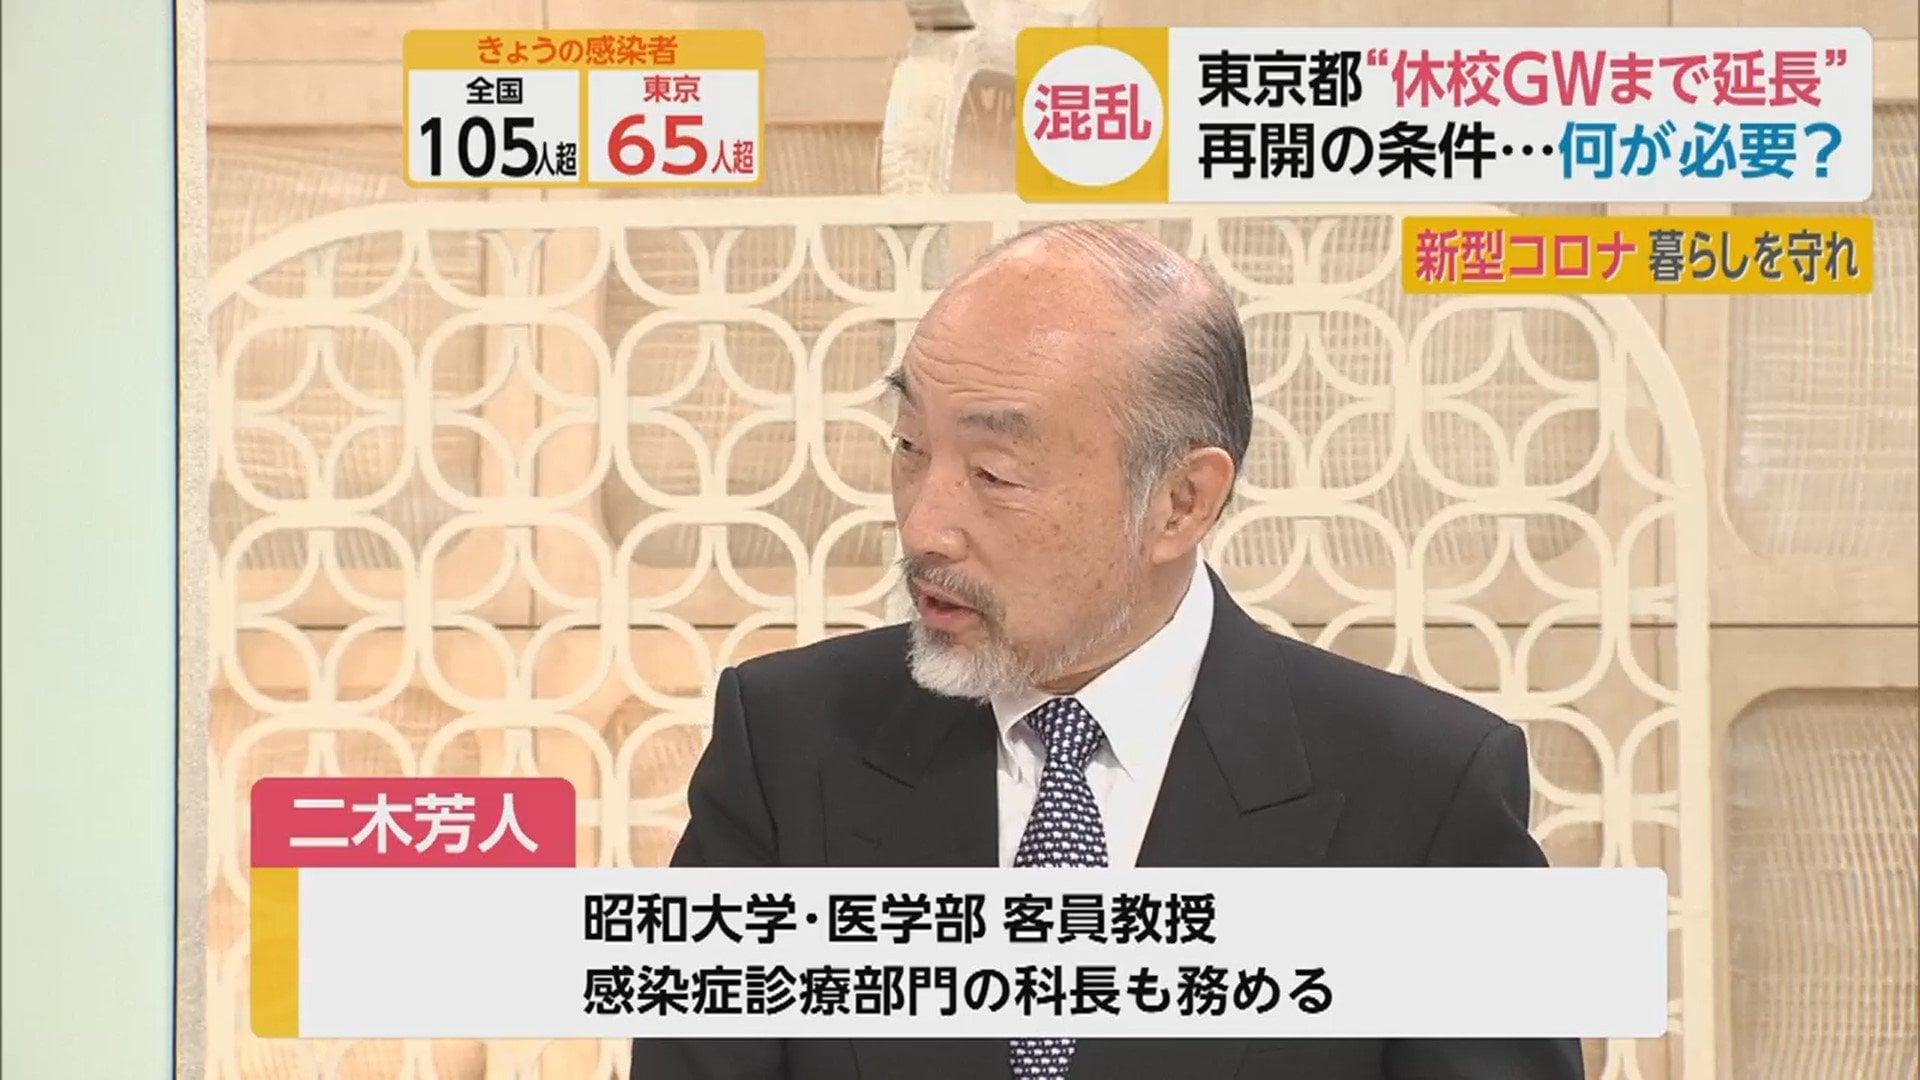 東京 休校 延長